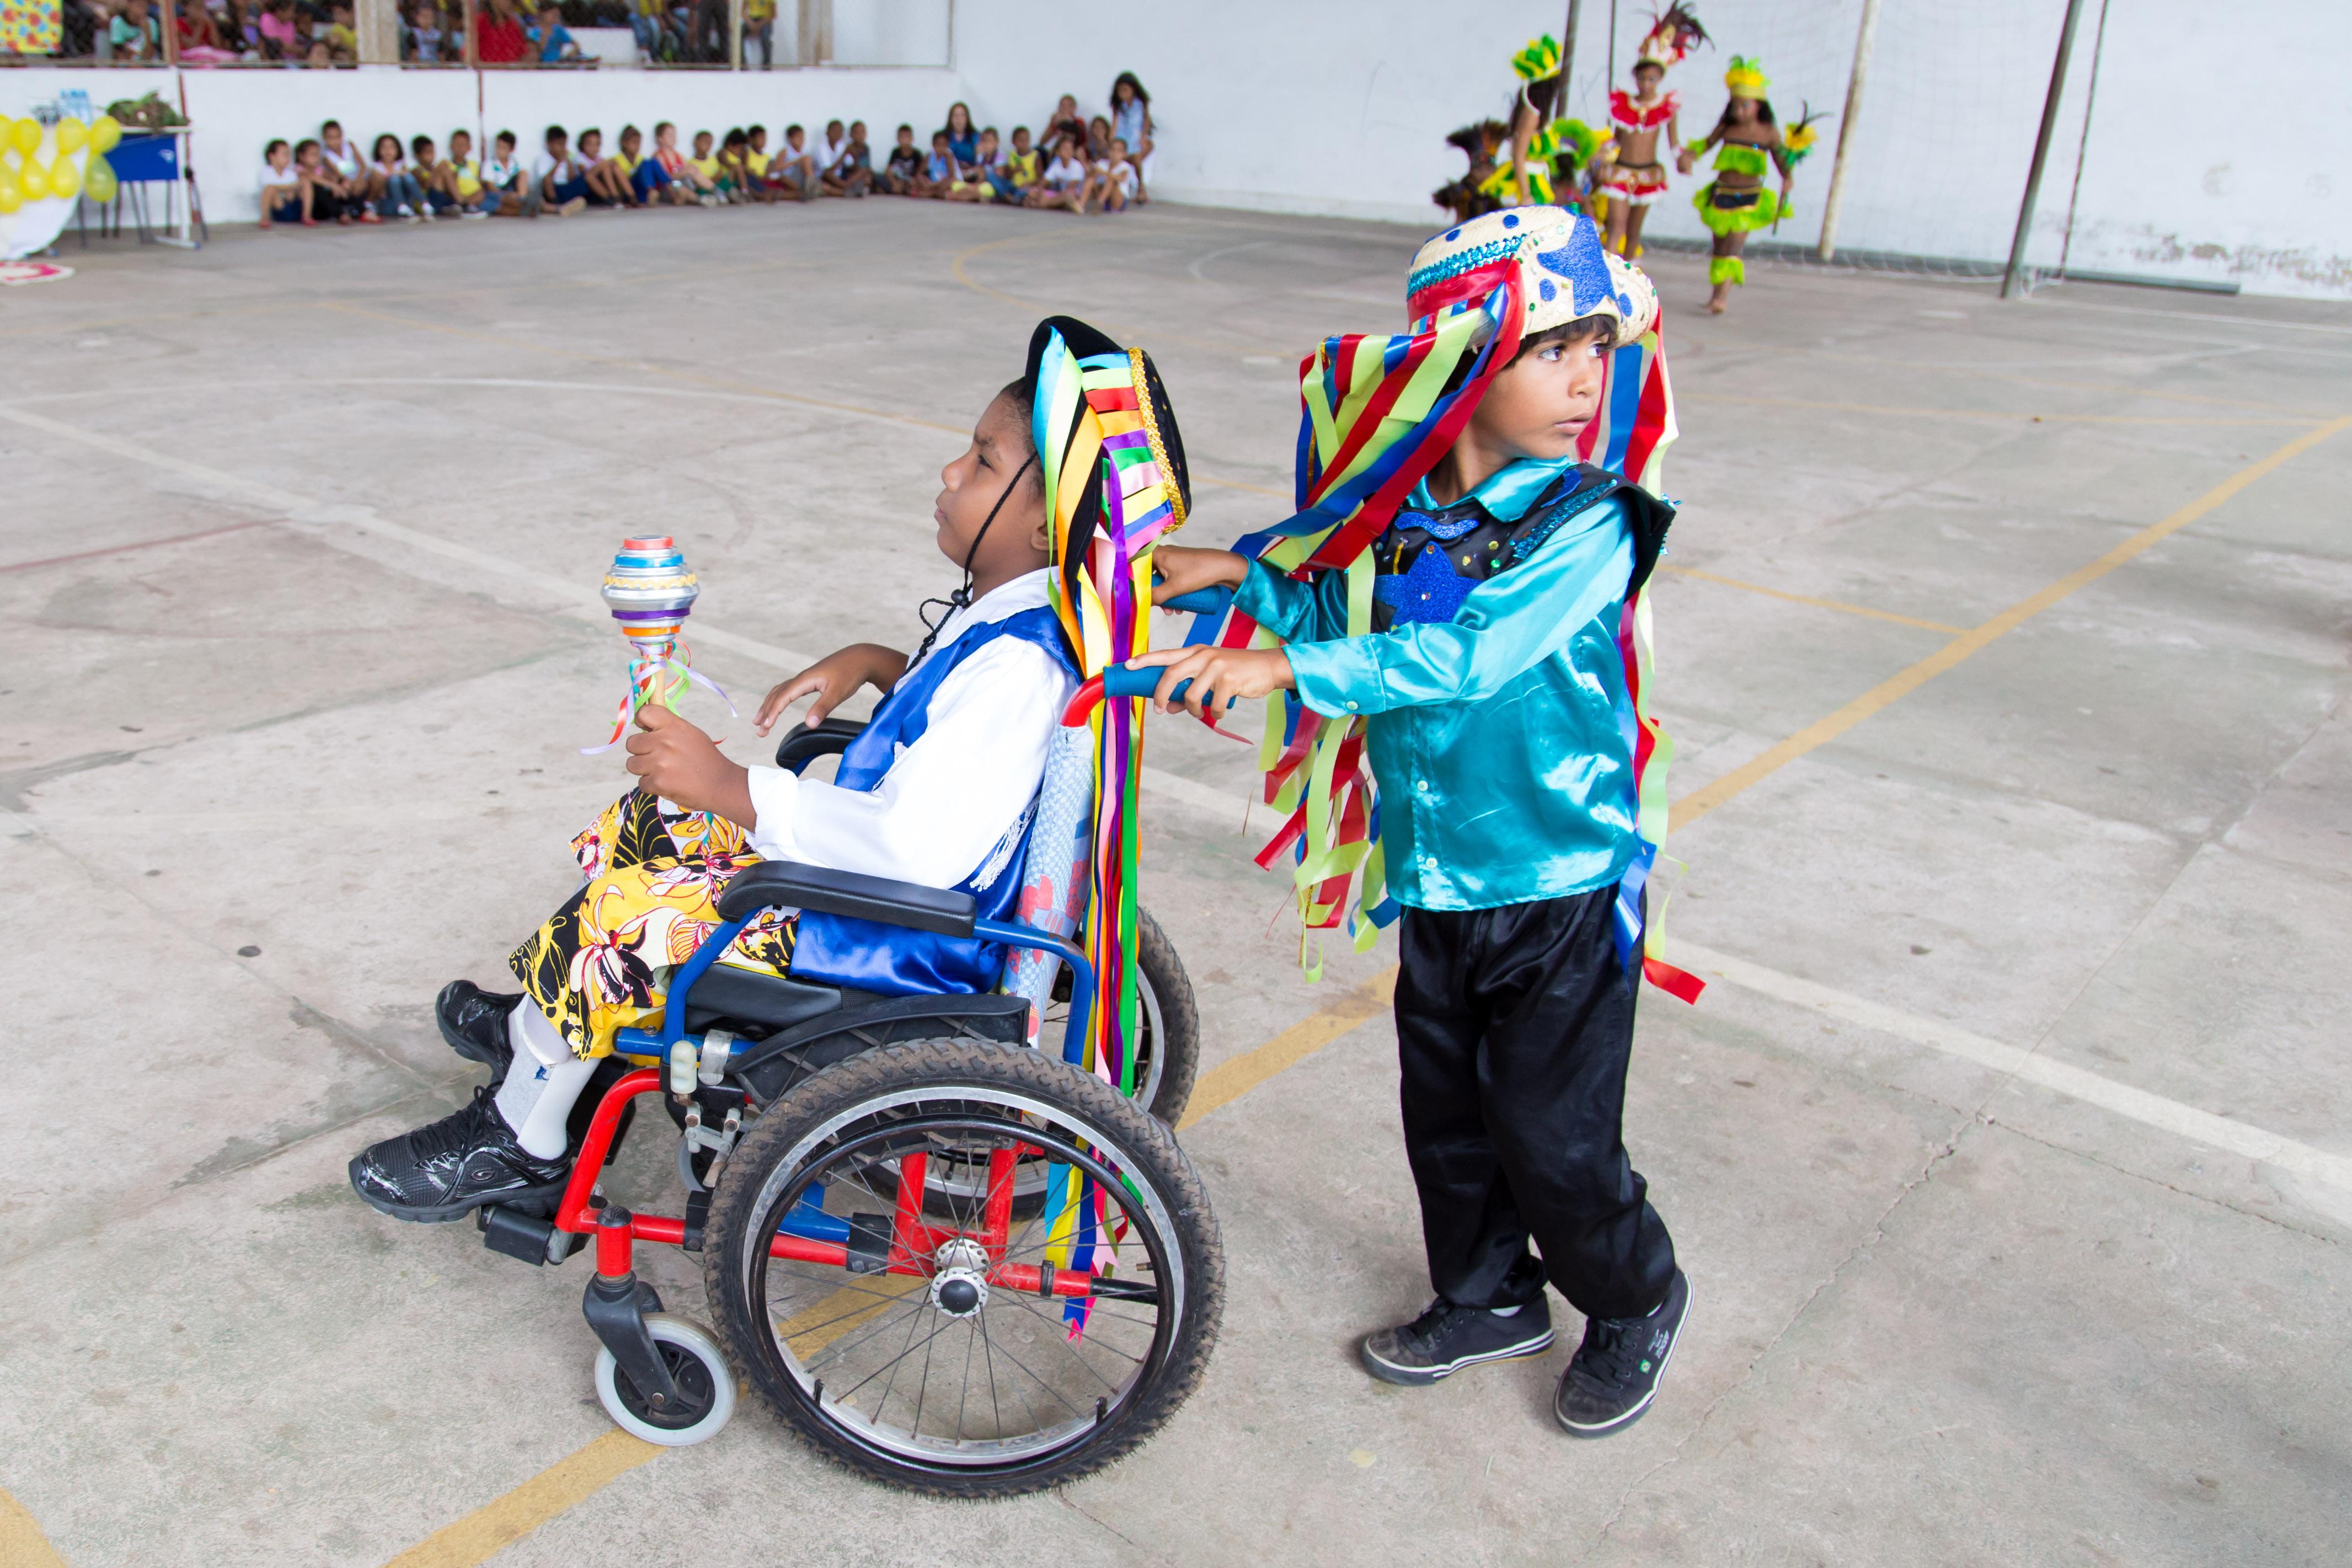 Dois garotos com roupas coloridas dançam. Um deles usa uma cadeira de rodas e o outro o empurra.